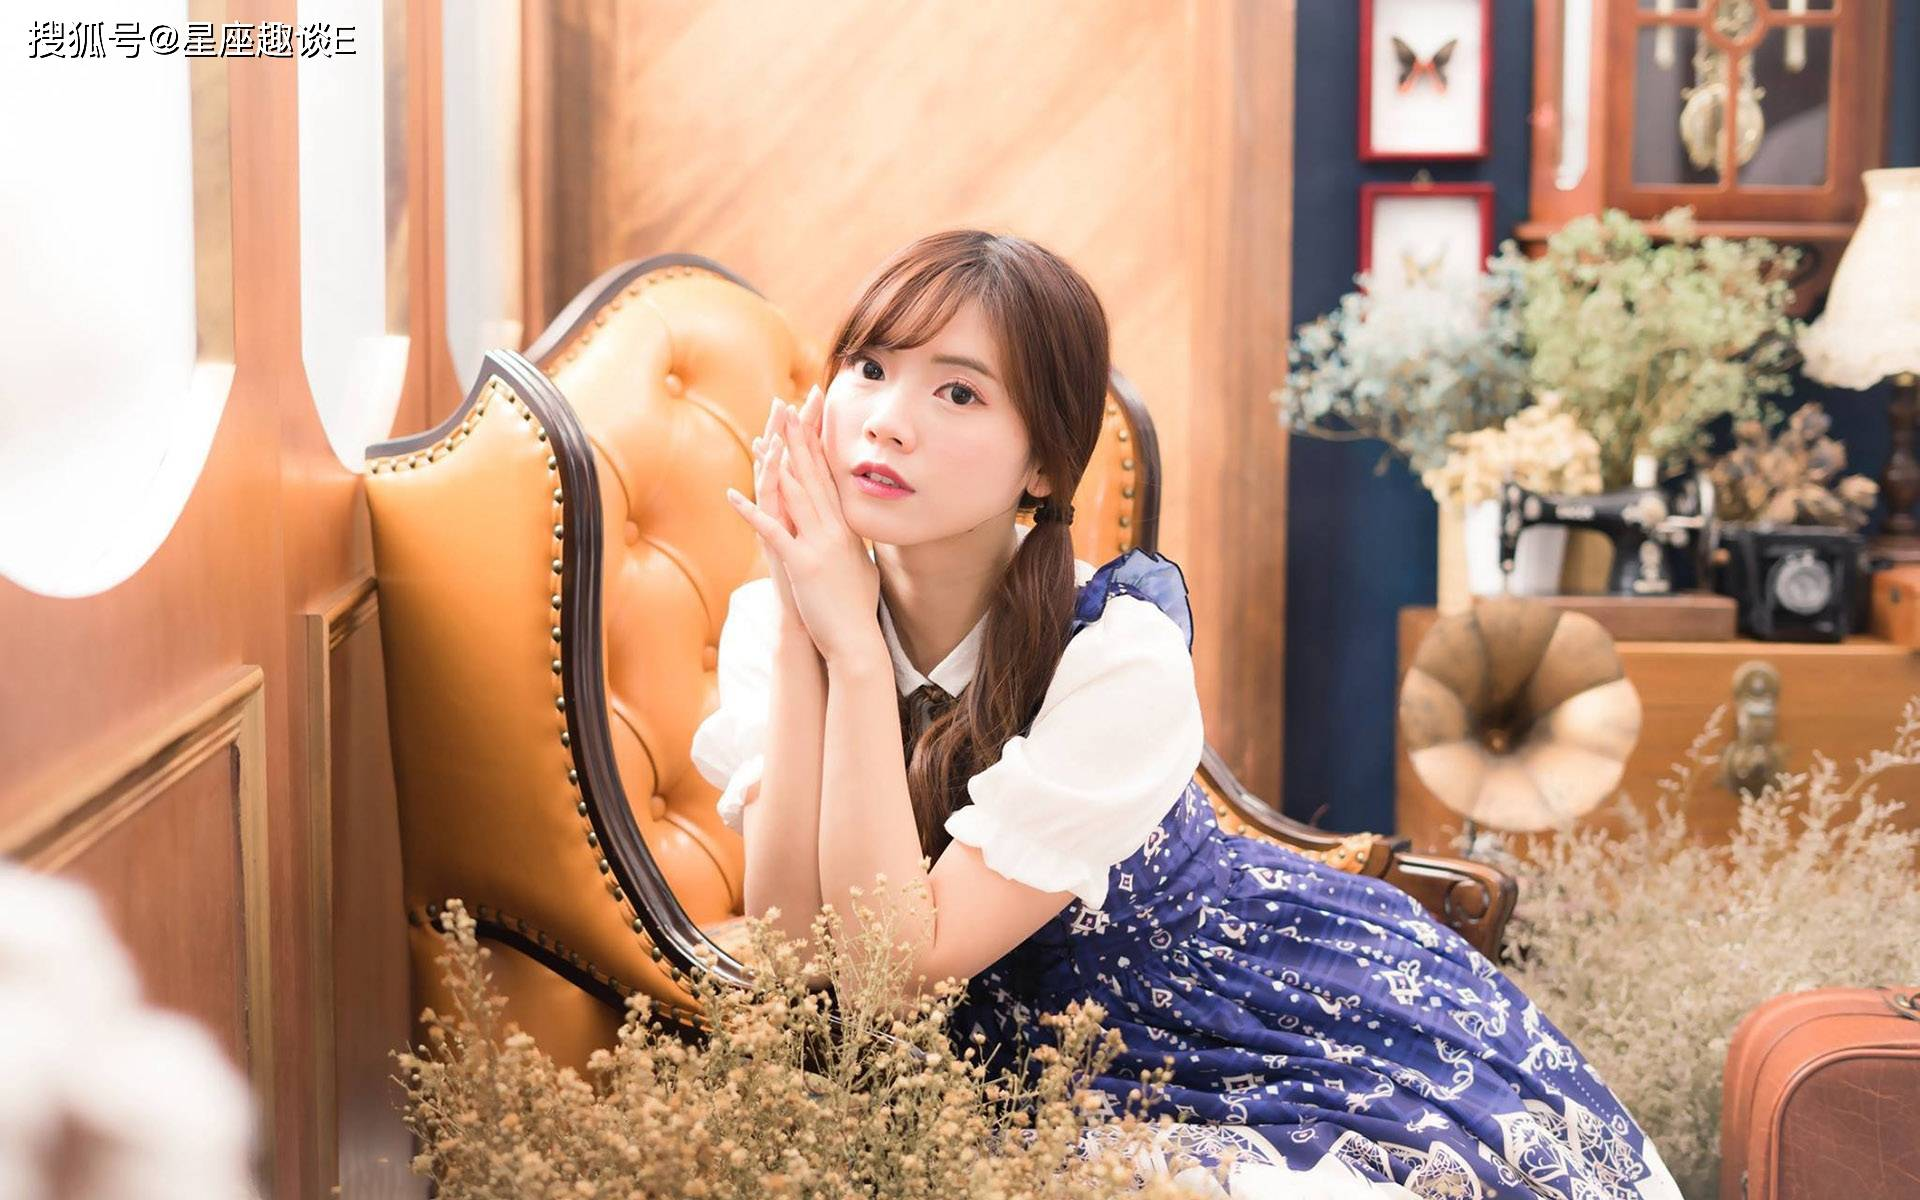 5月29日爱情运势:真爱缱绻,情比金坚的四大星座